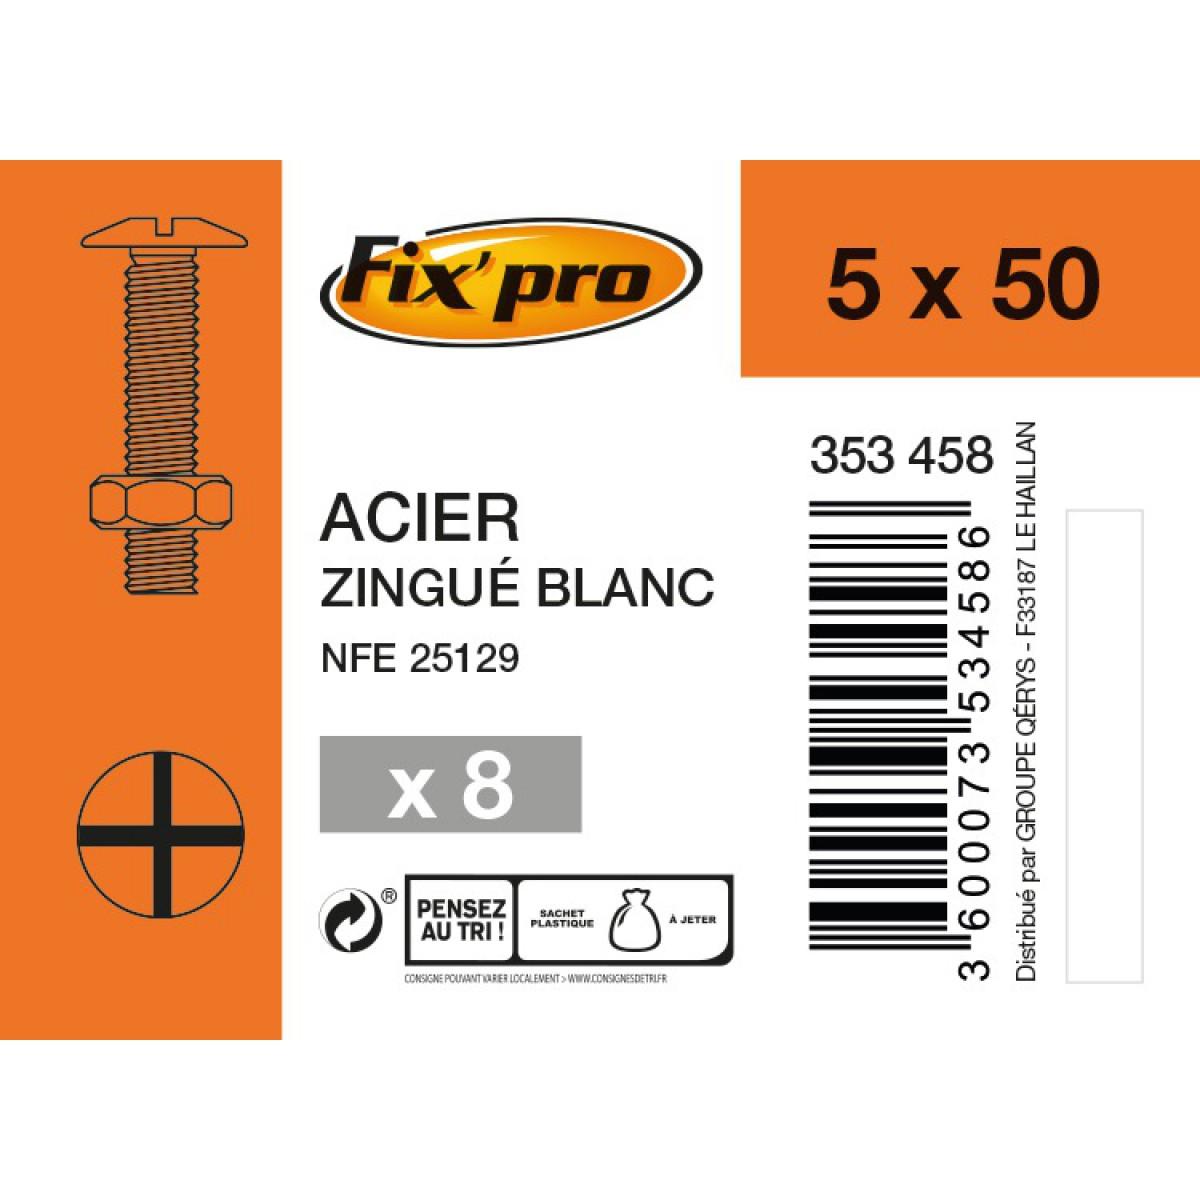 Boulon poêlier acier zingué - 5x50 - 8pces - Fixpro